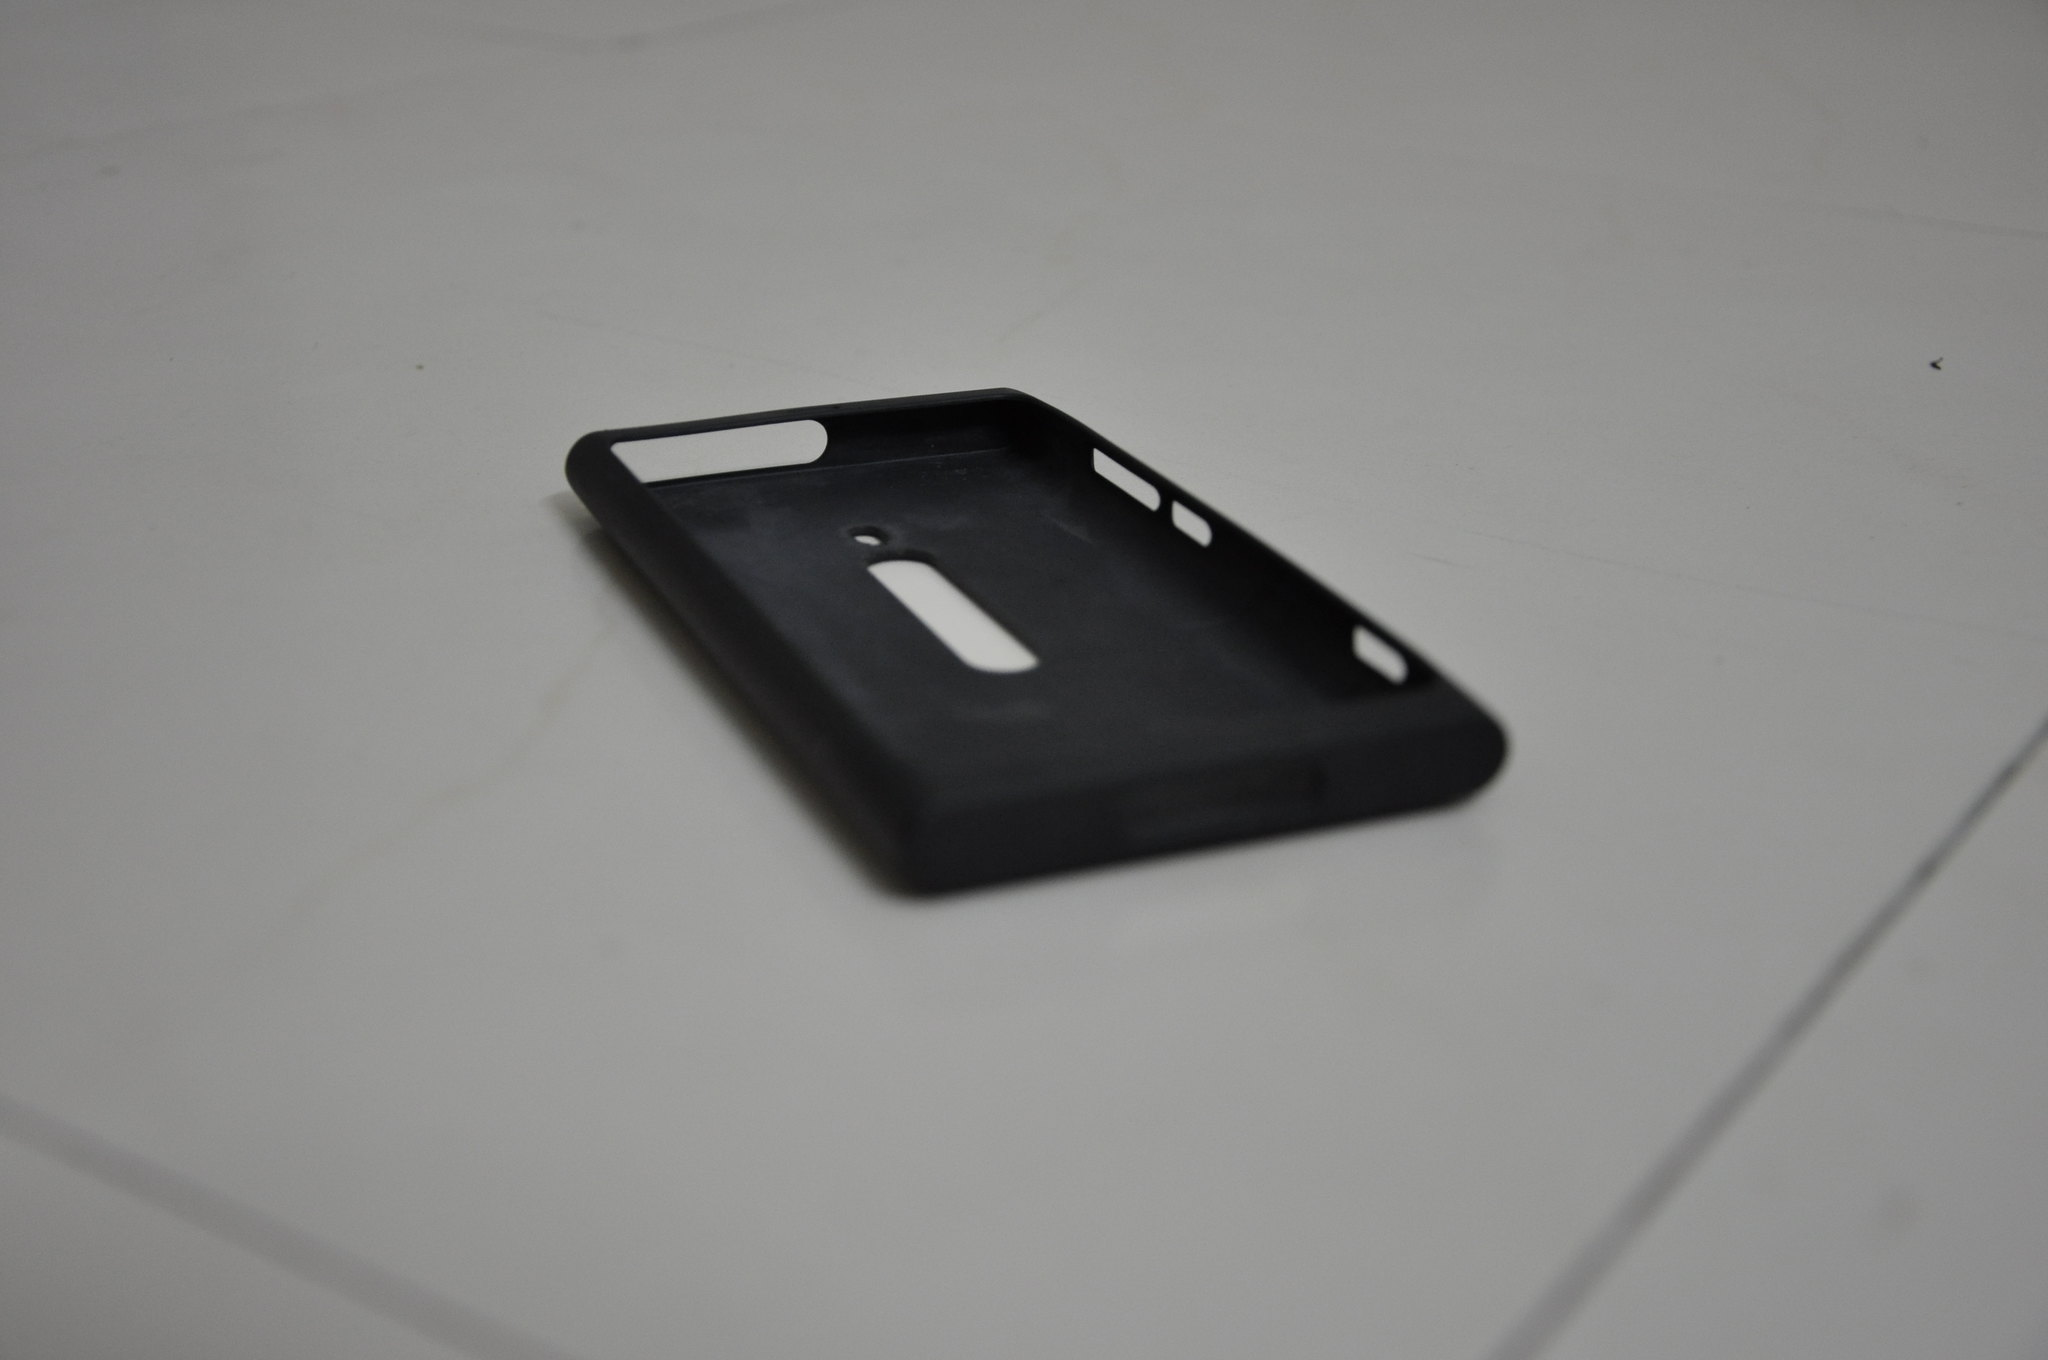 Nokia Lumia 800 cover